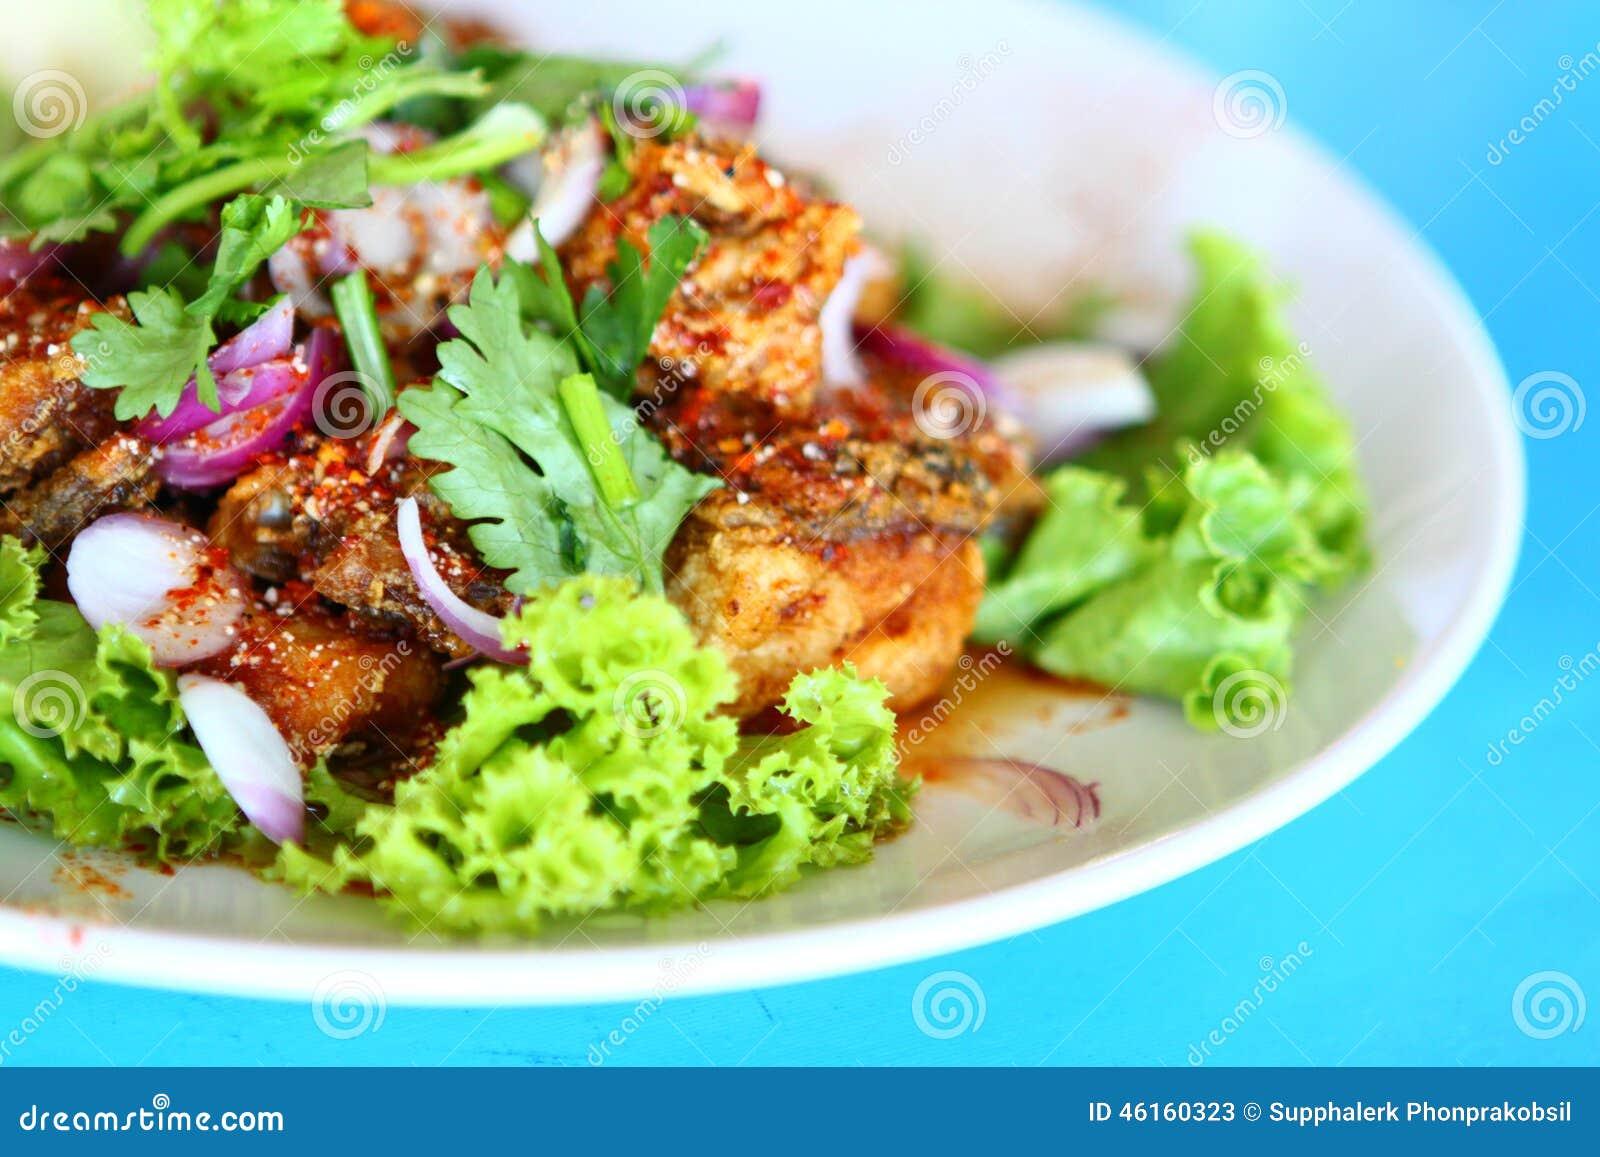 Alimento tailandês picante